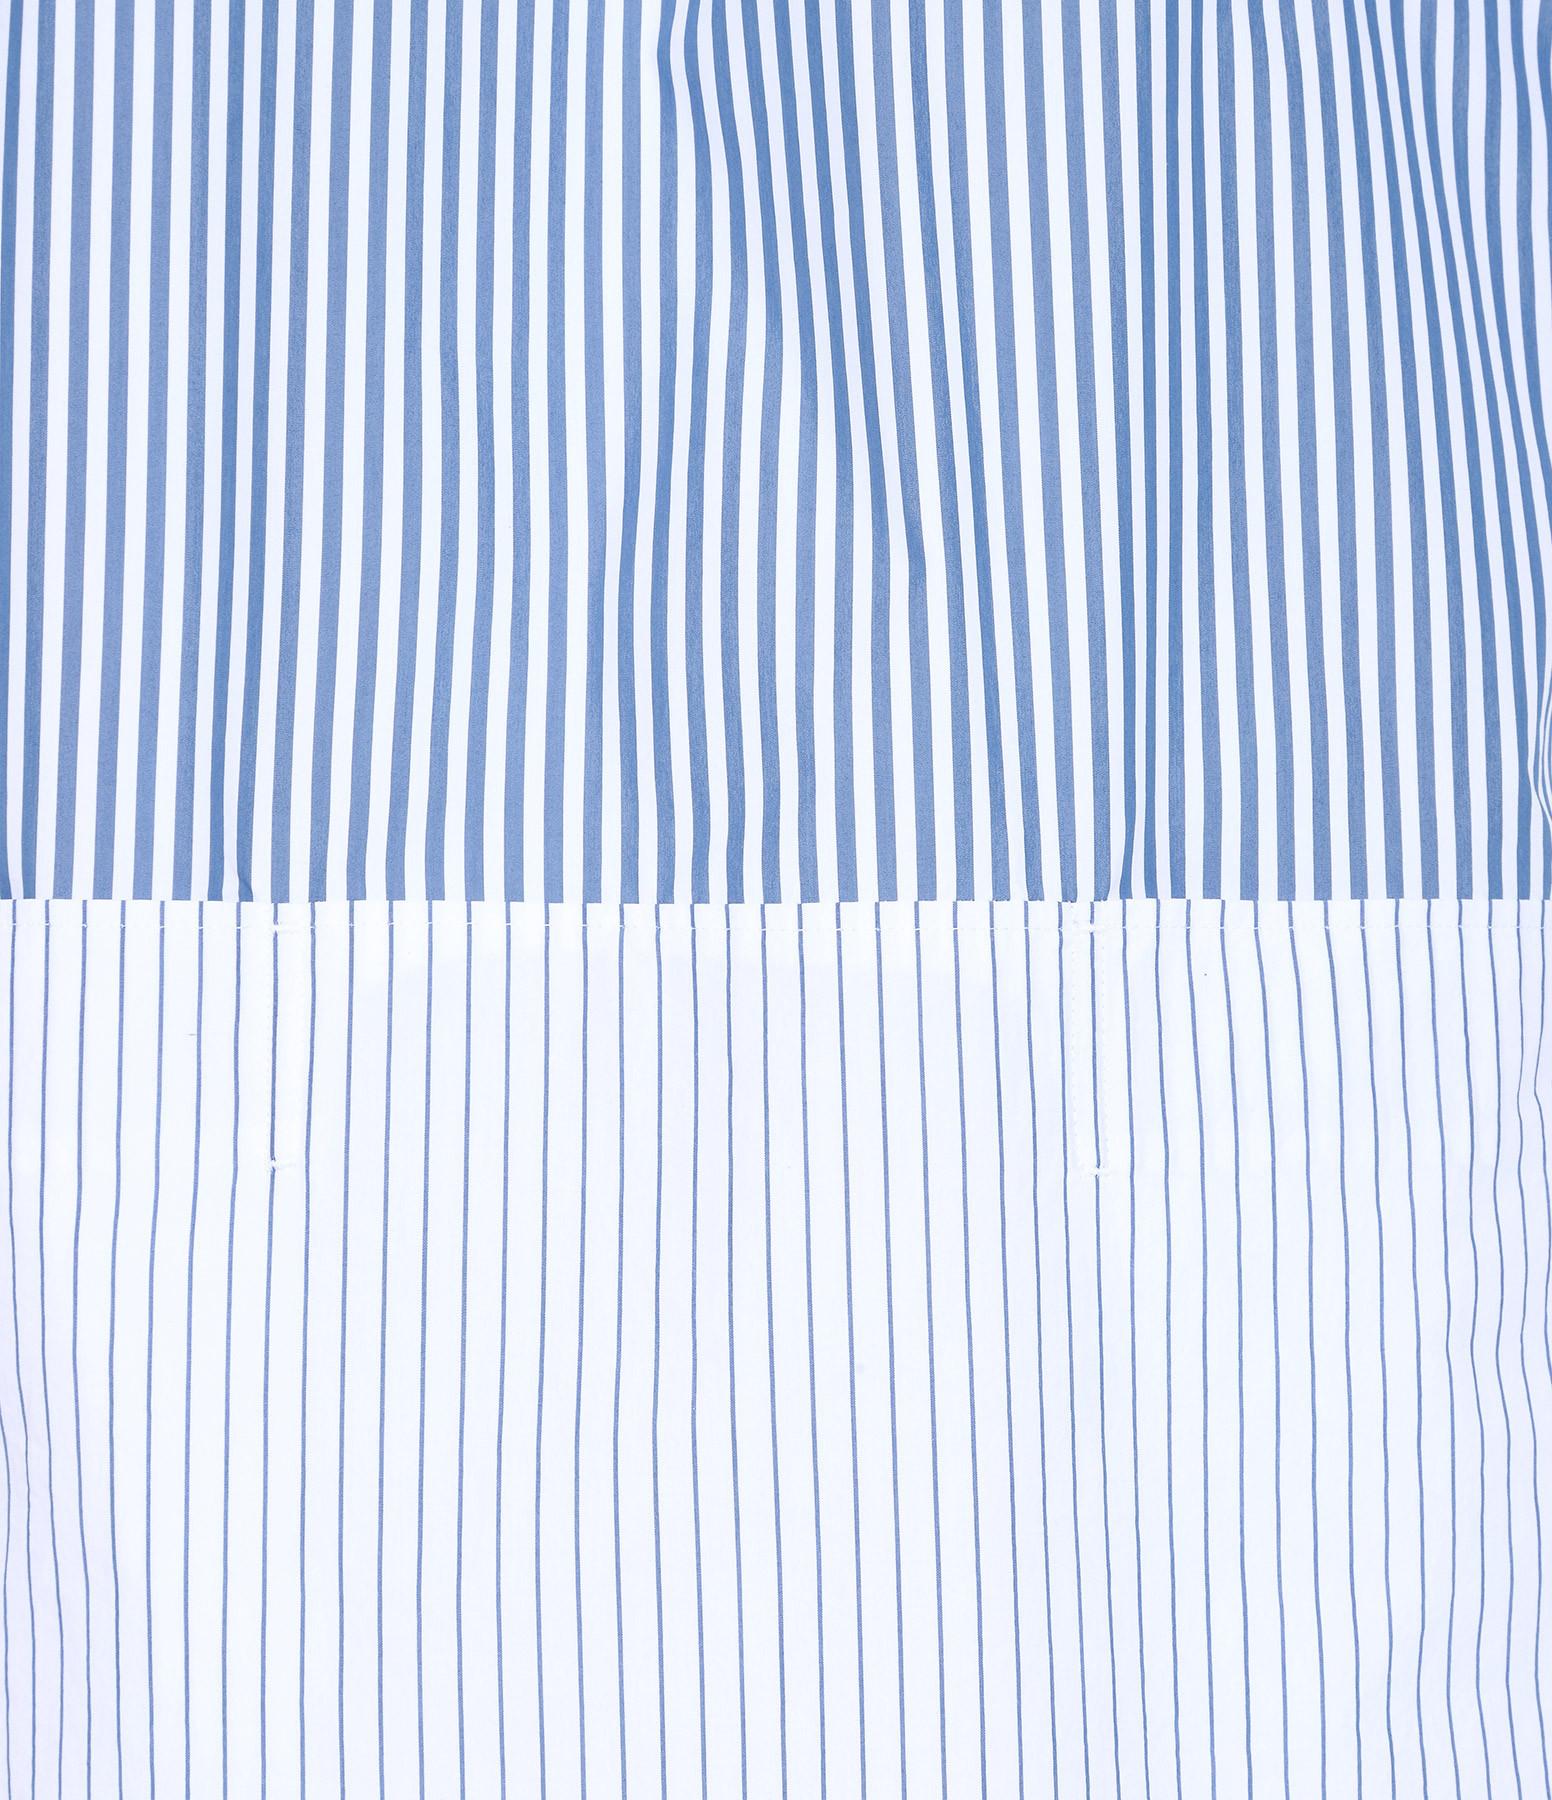 GOLDEN GOOSE - Robe Samantha Coton Rayures Bleu